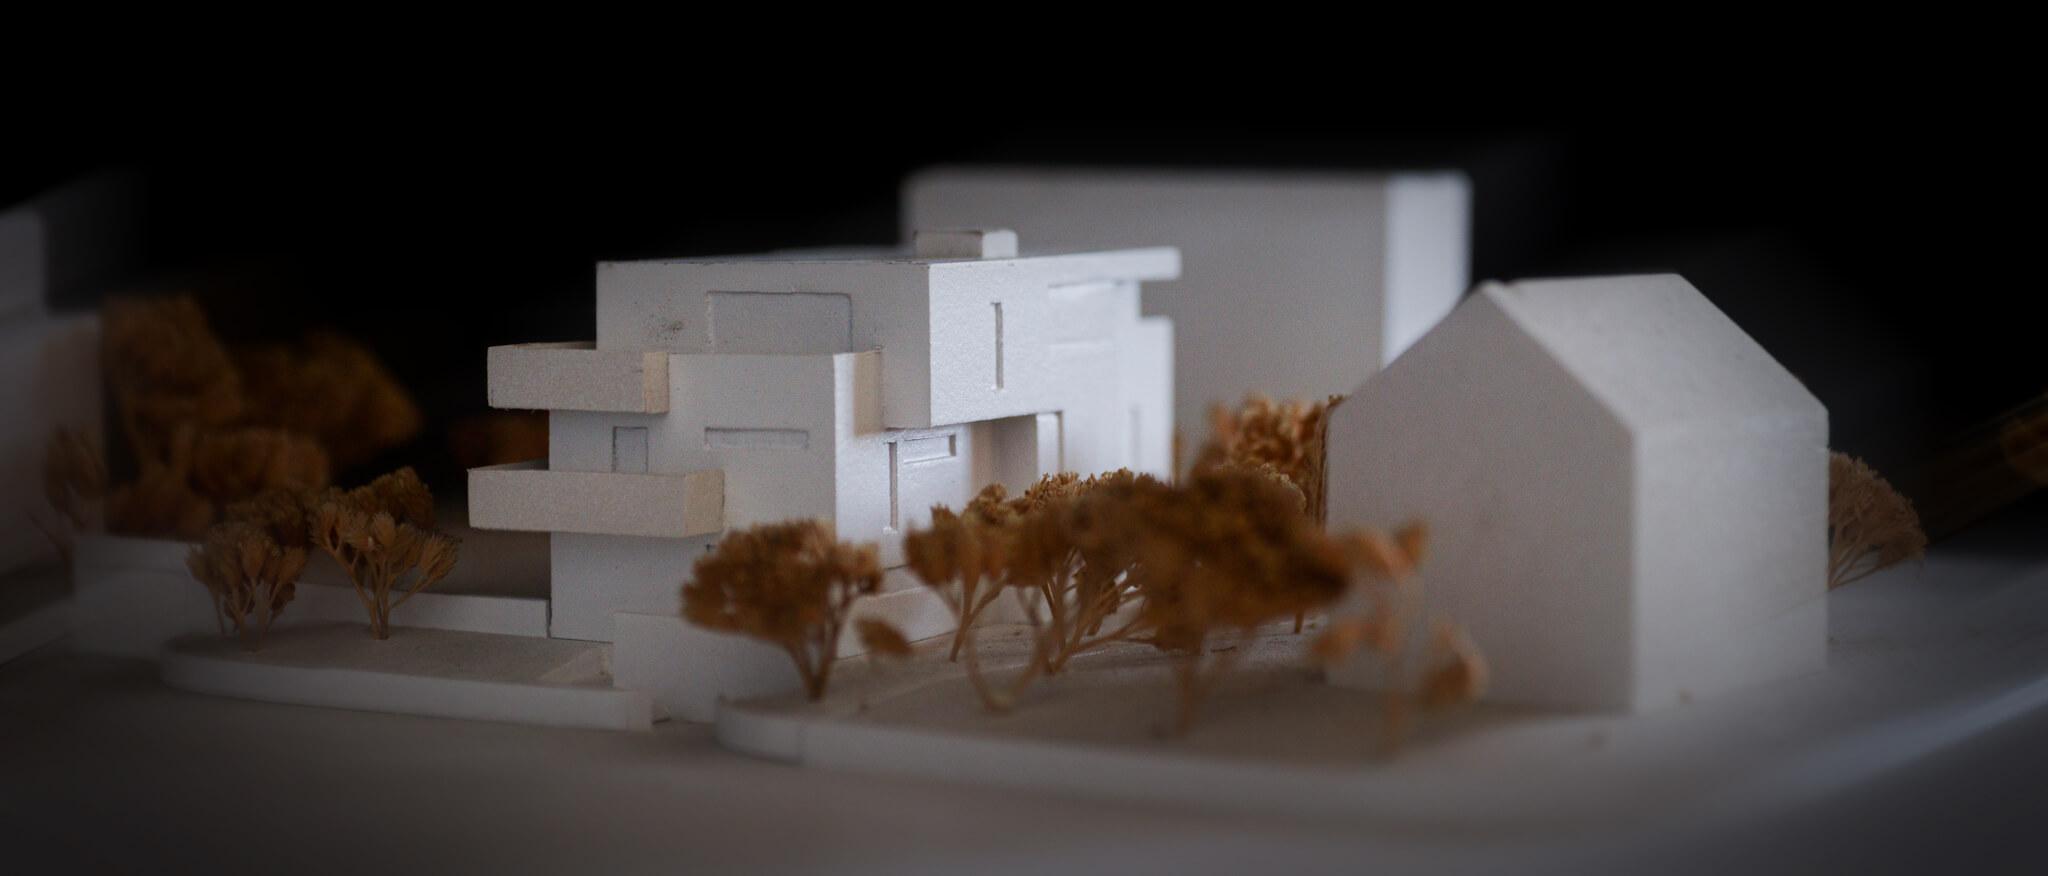 Crea-Plan-Design-Rauch-Frühmann-Architektur-Innenarchitektur-Design-Angebot